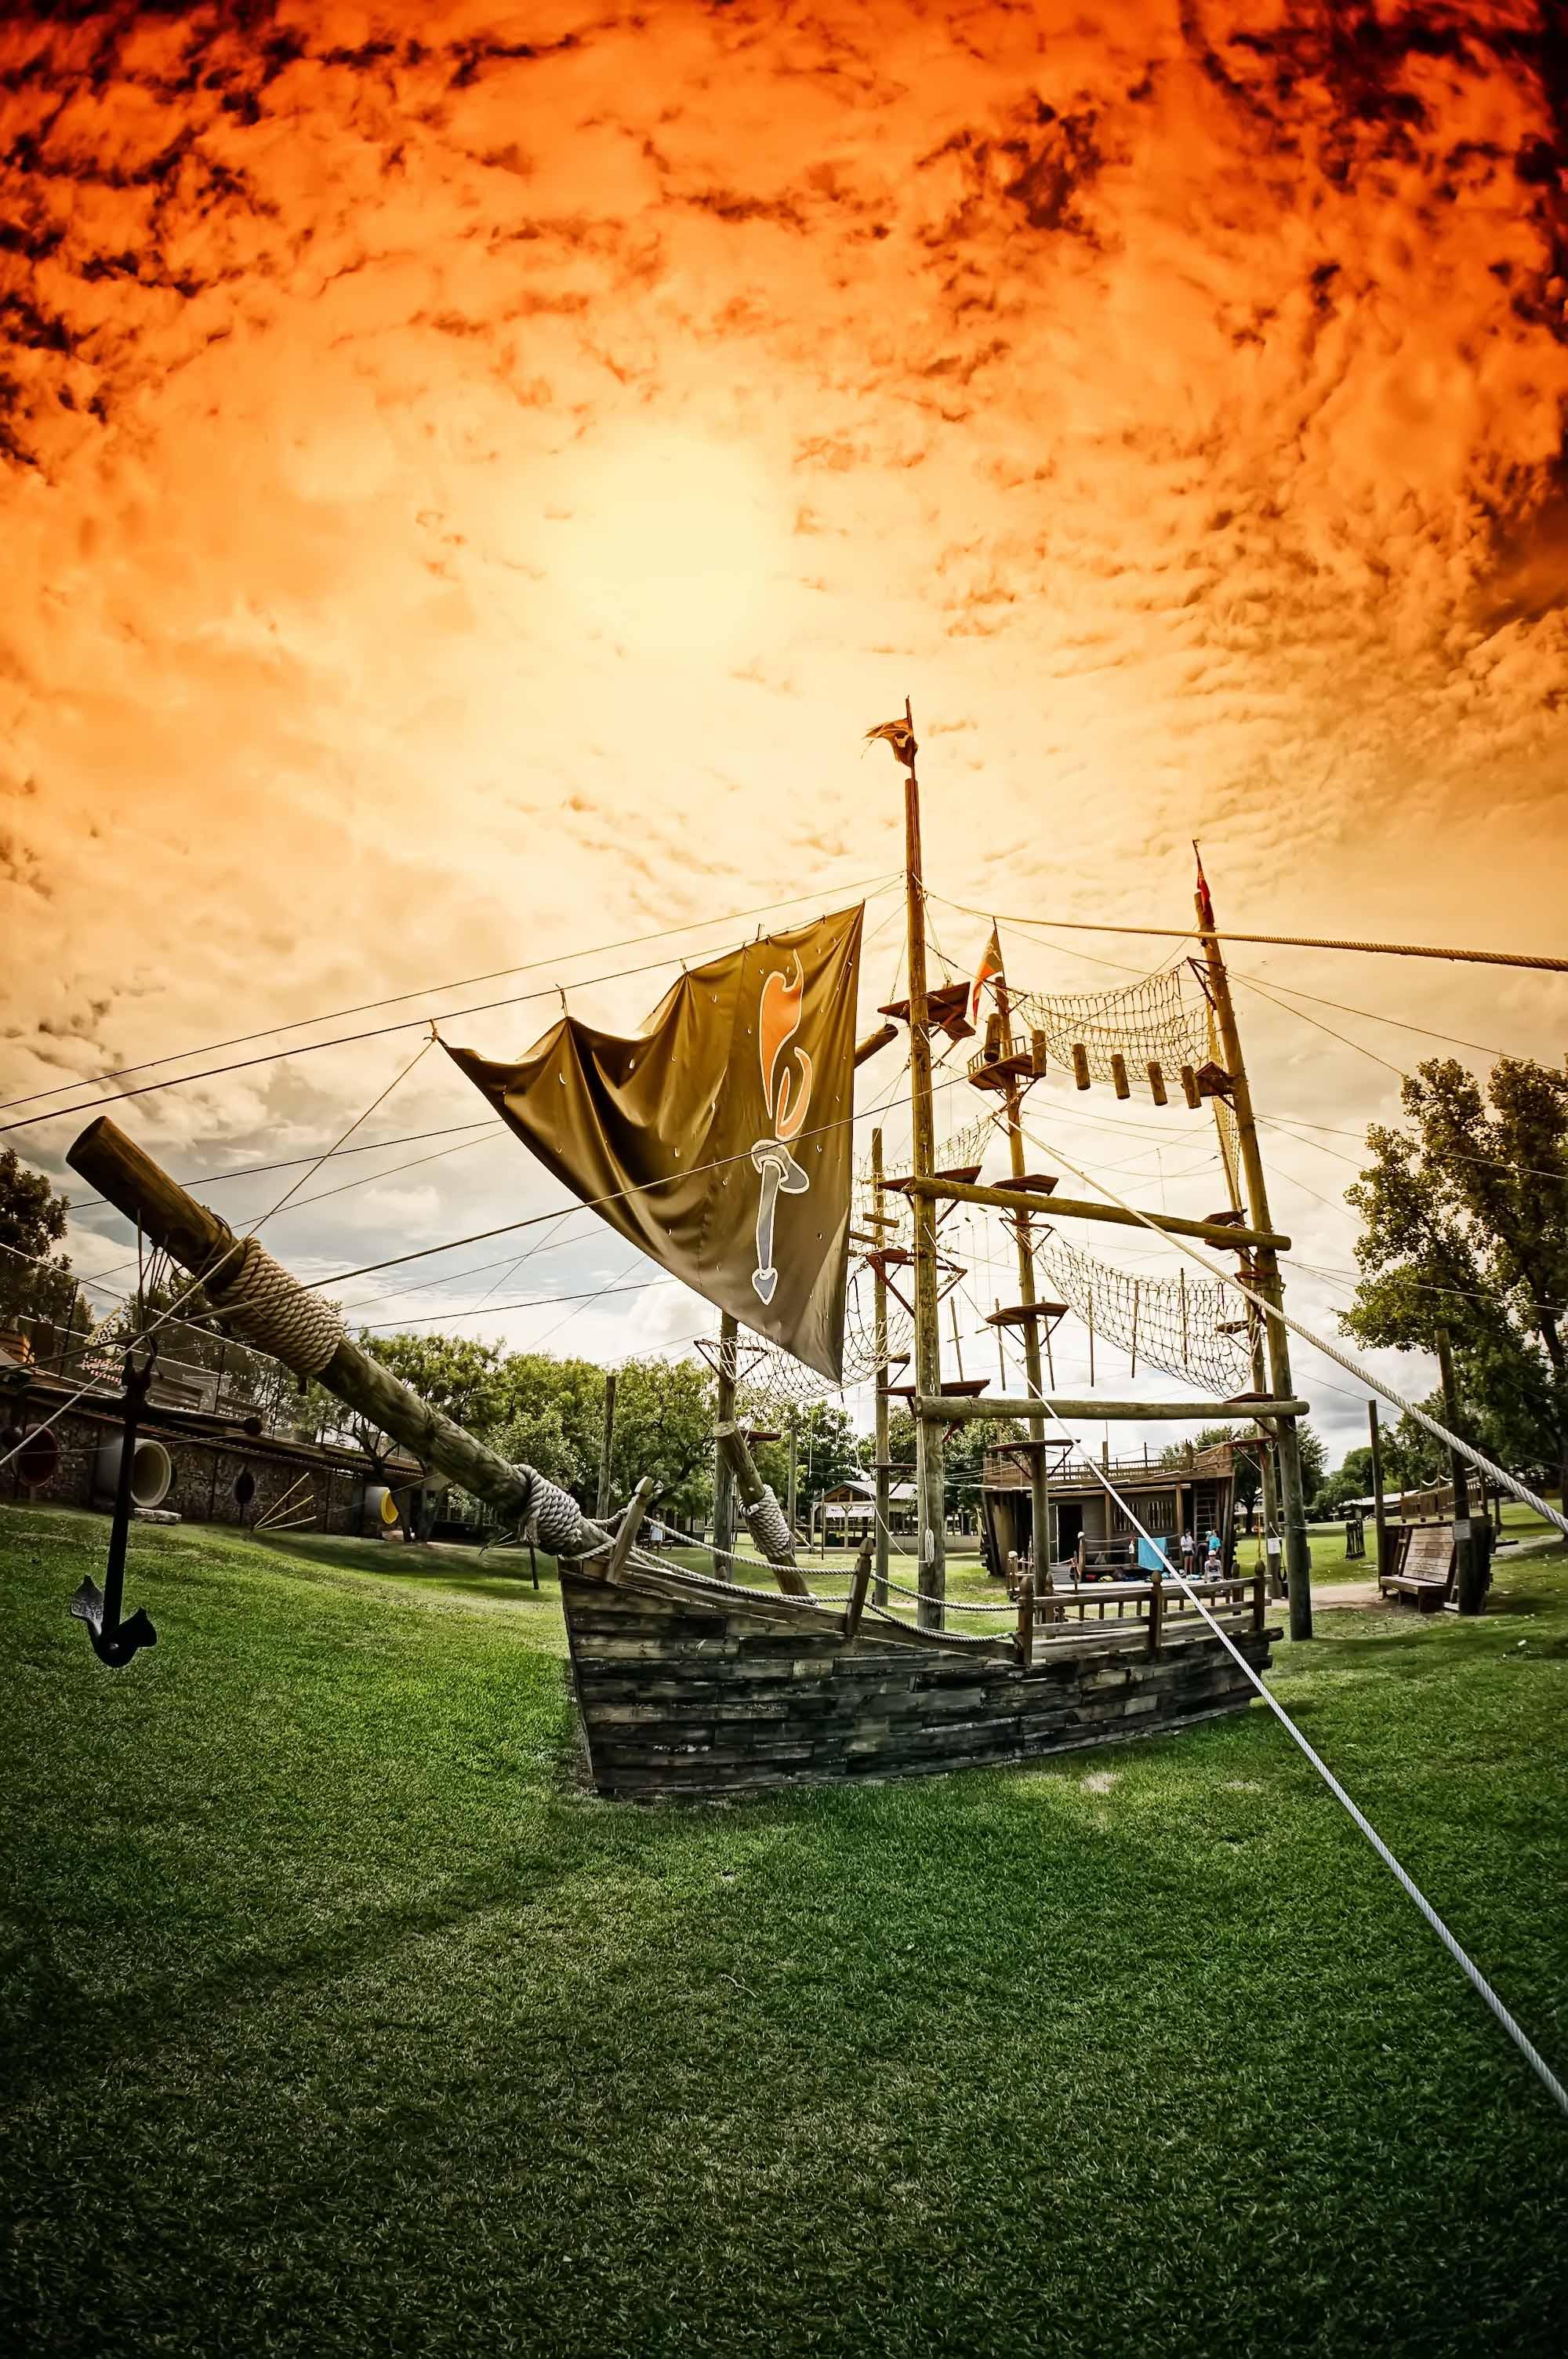 PirateShip_email.jpg